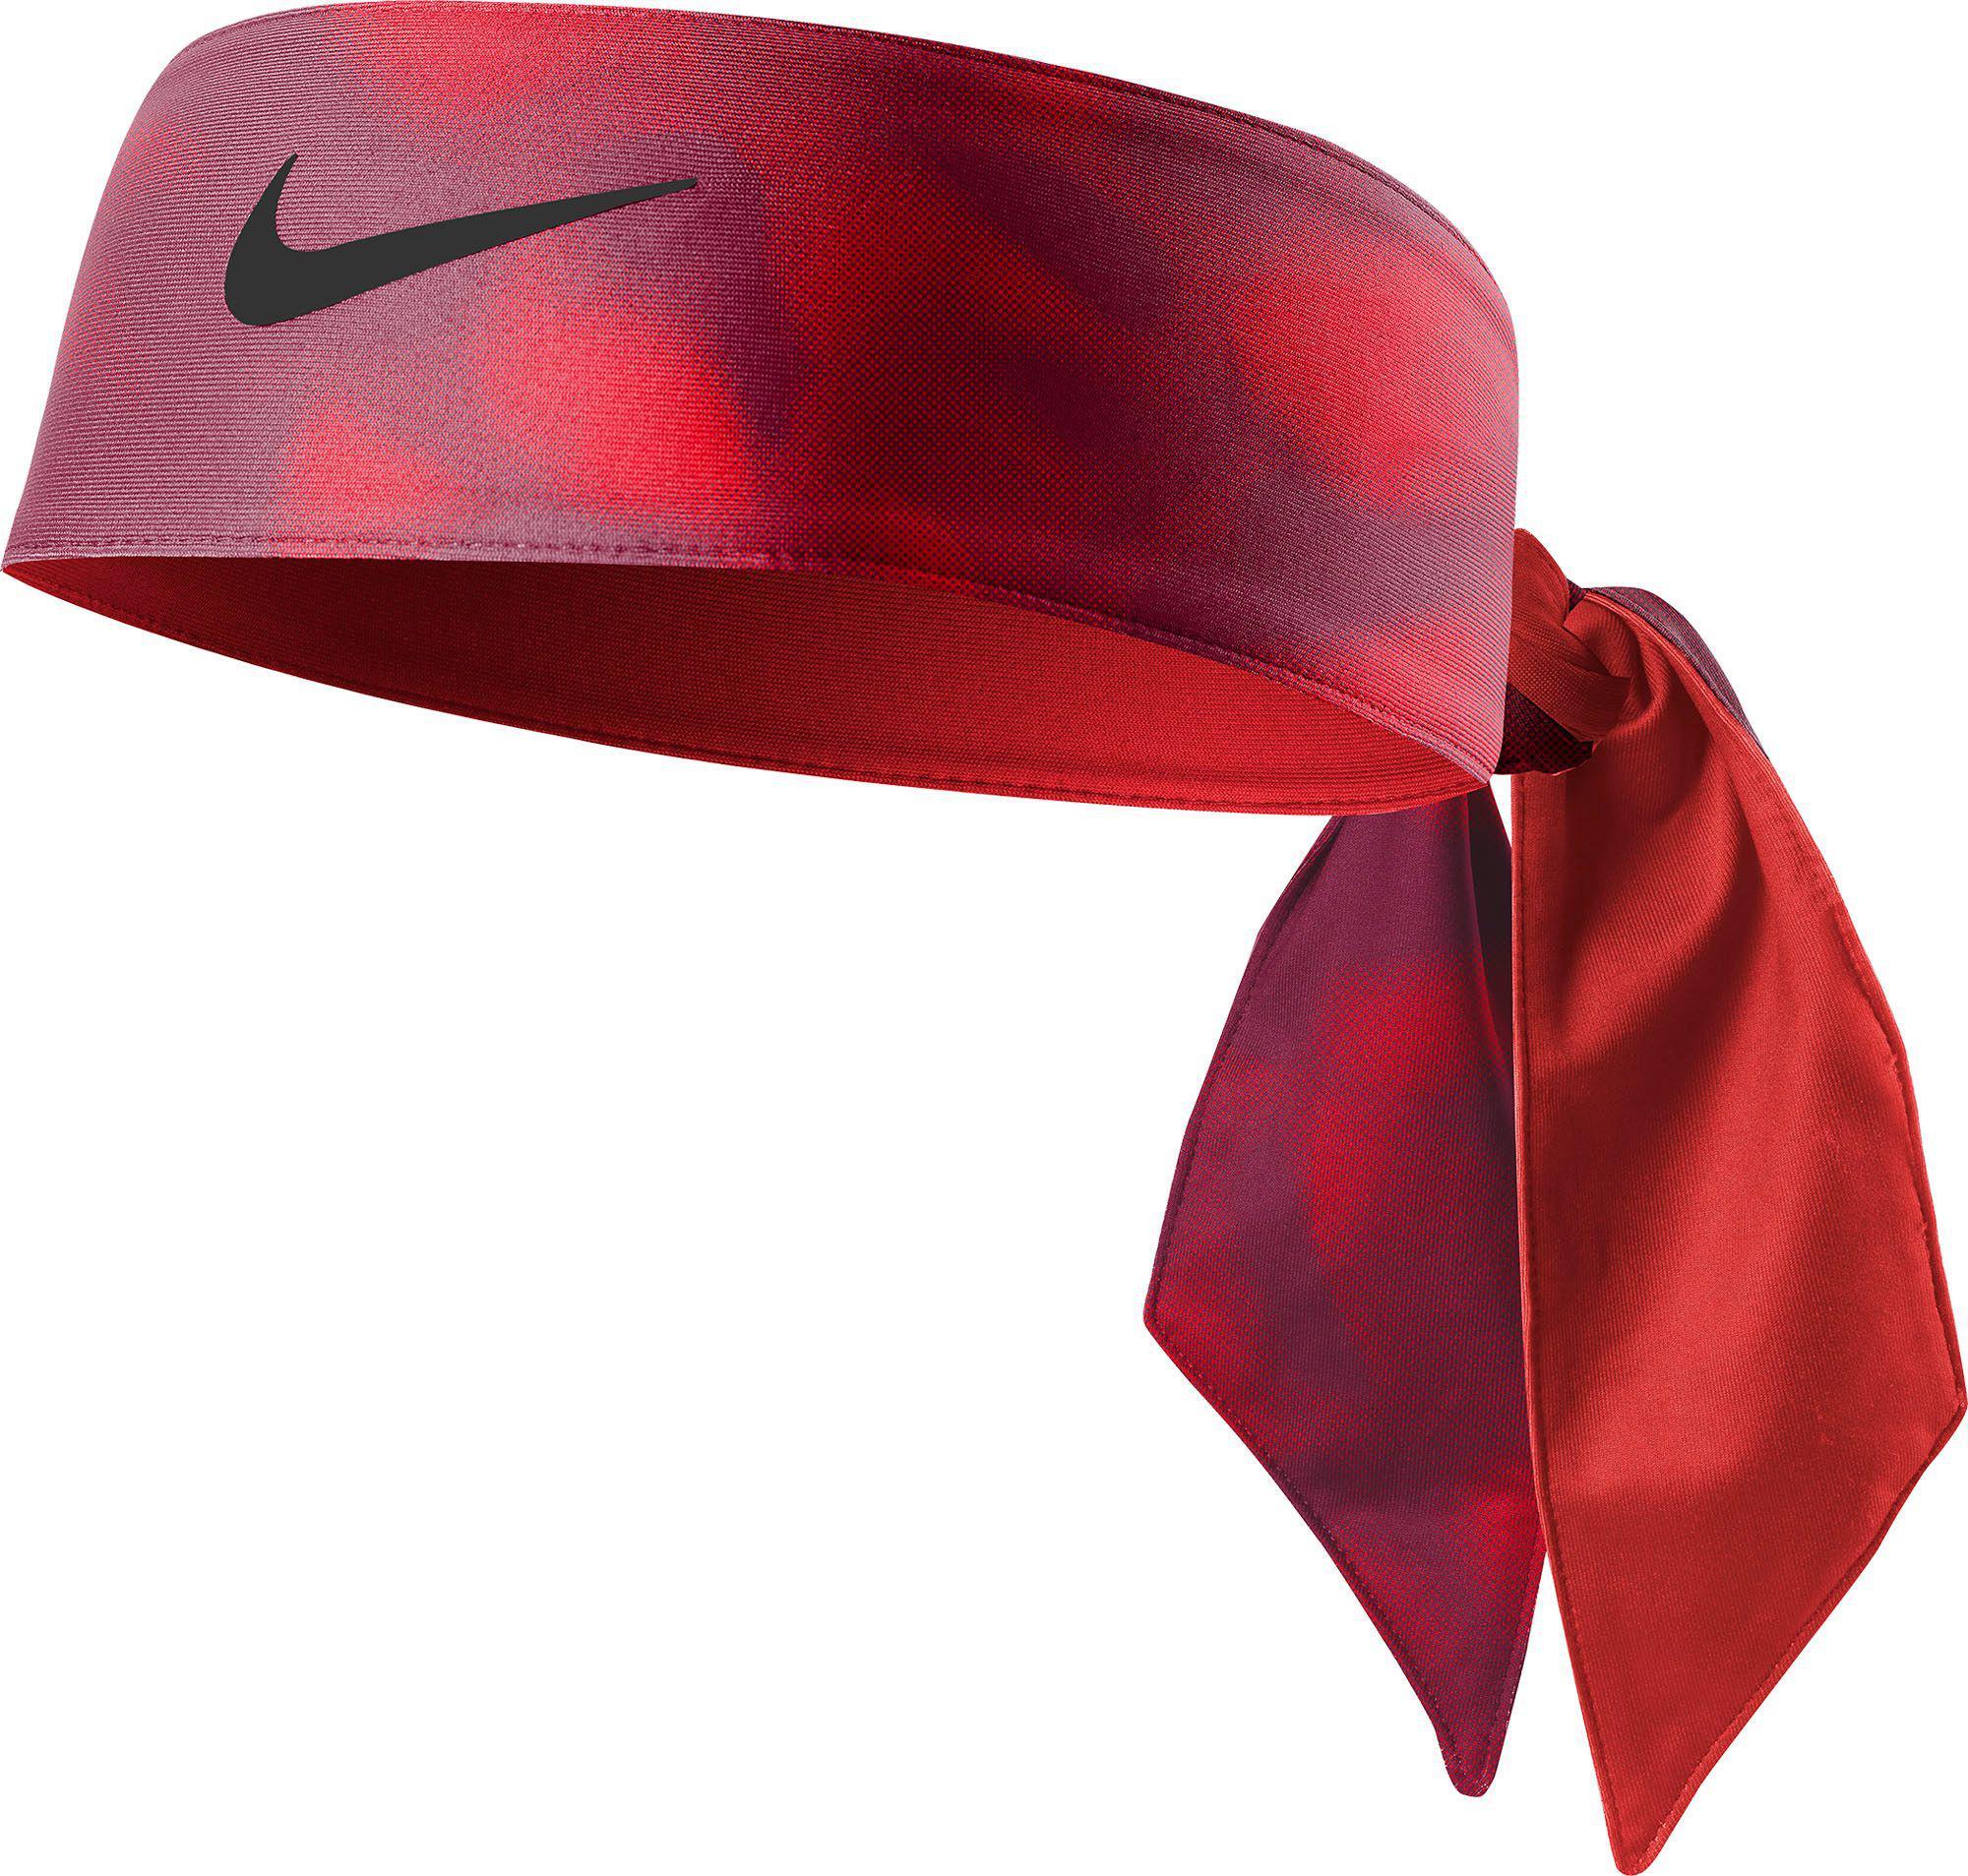 743dc46a33dc Lyst - Nike Dri-fit Head Tie 3.0 in Red